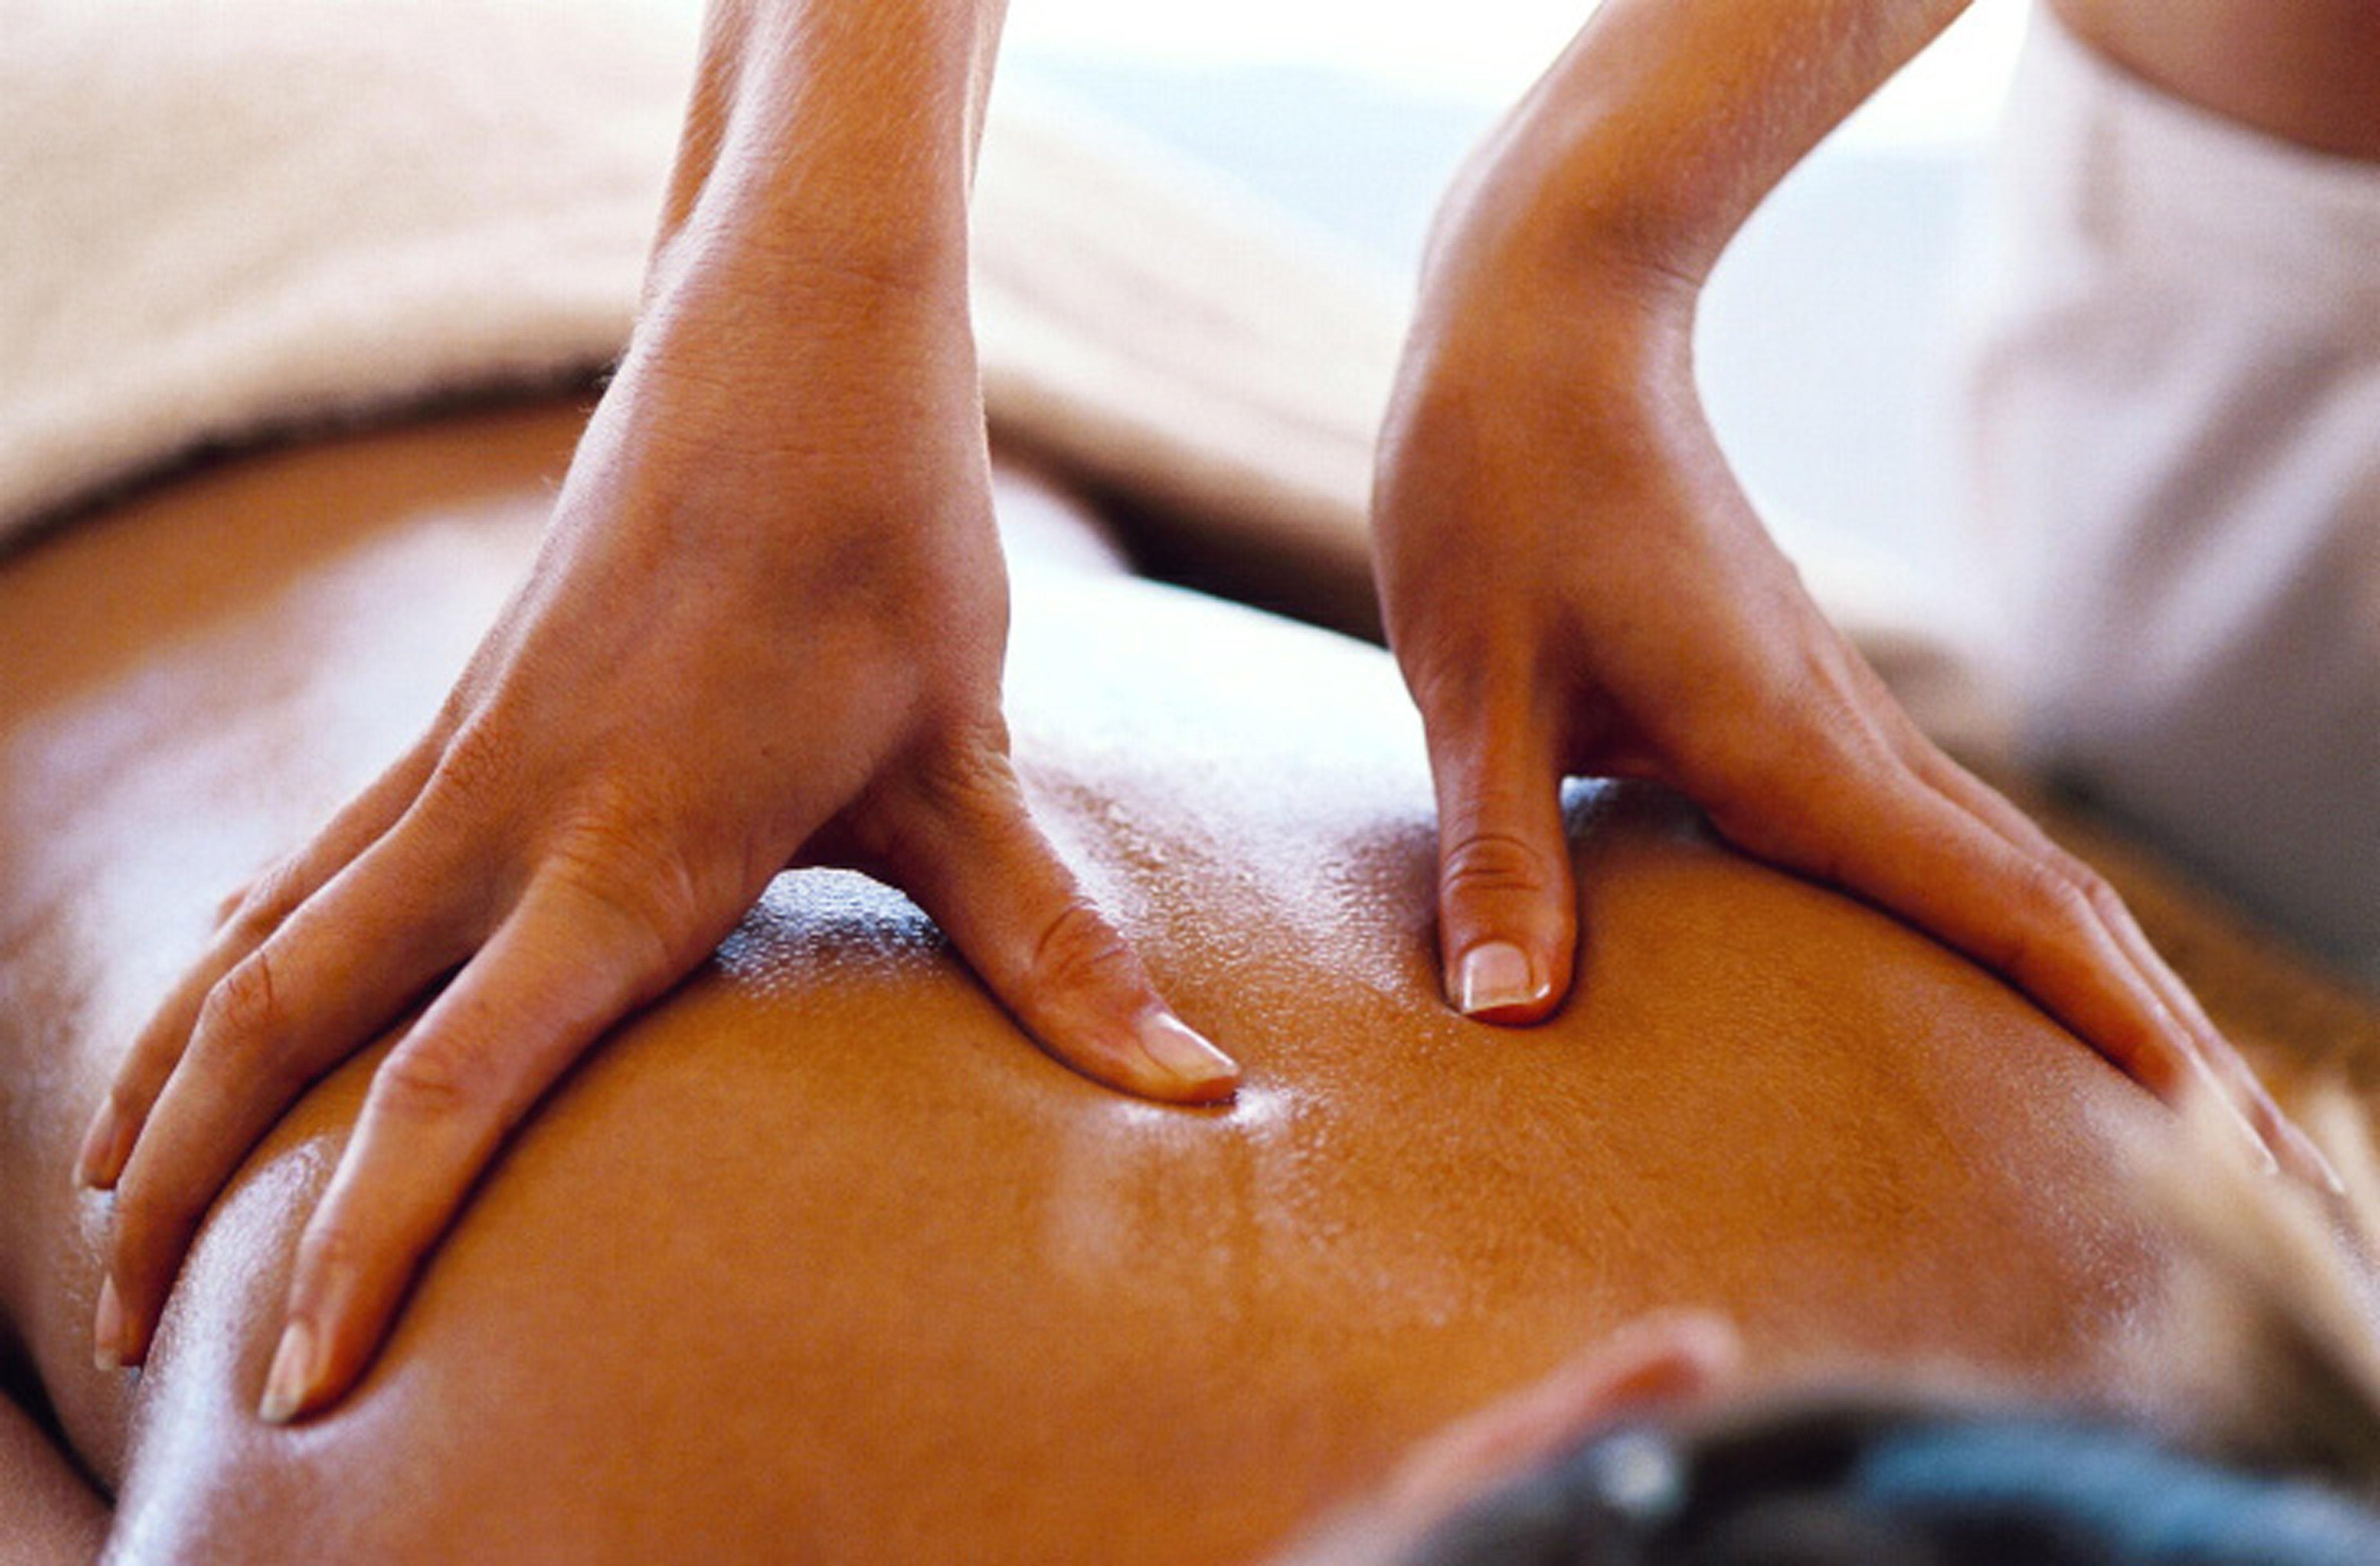 Haender-paa-ryg-der-udfoerer-massage-paa-klient